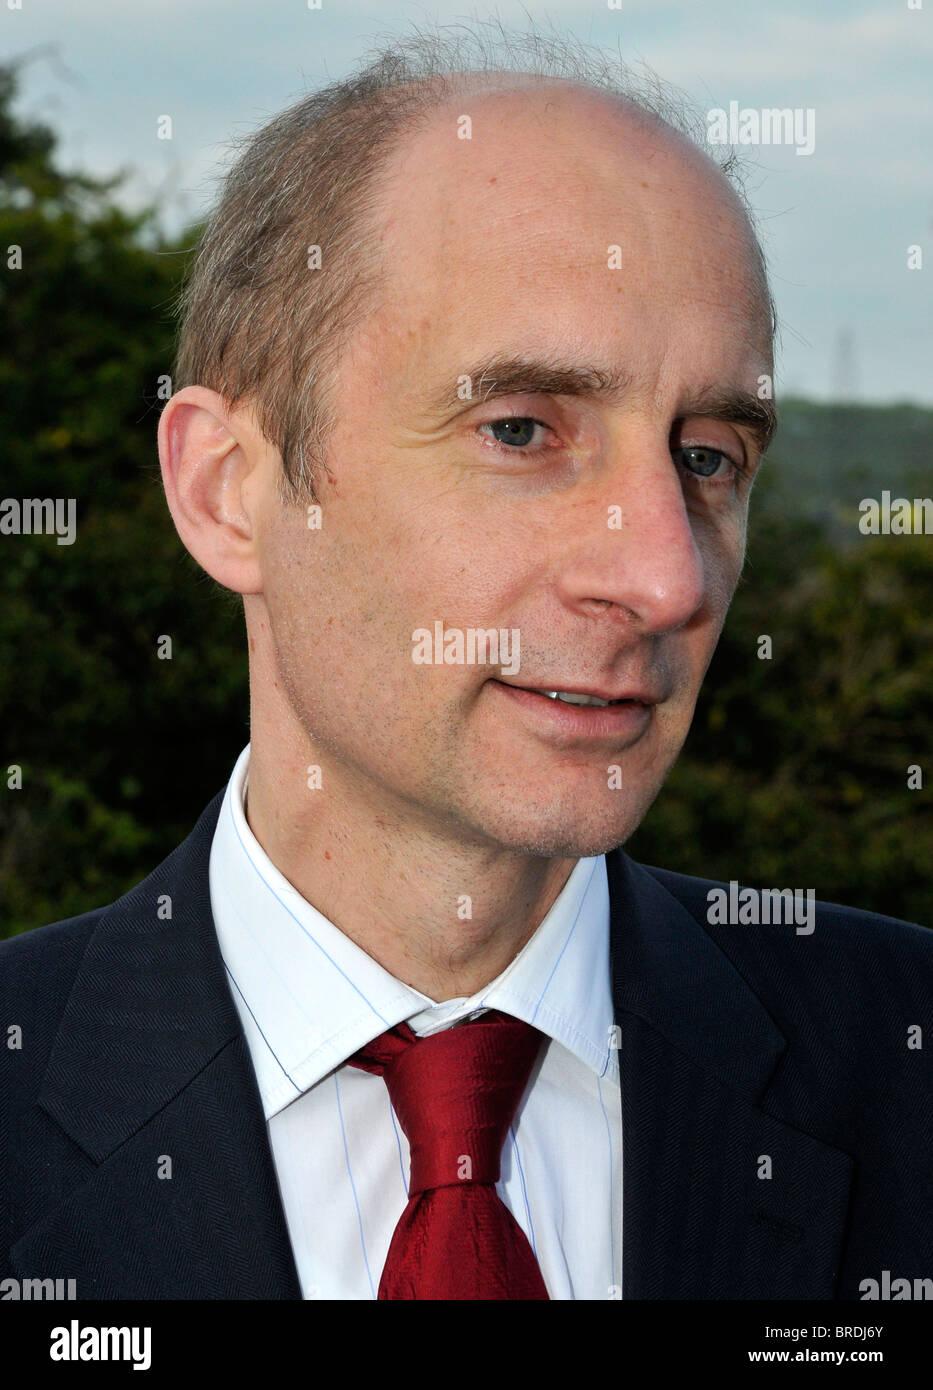 Señor Adonis, Lord Andrew Adonis, trabajo político Imagen De Stock